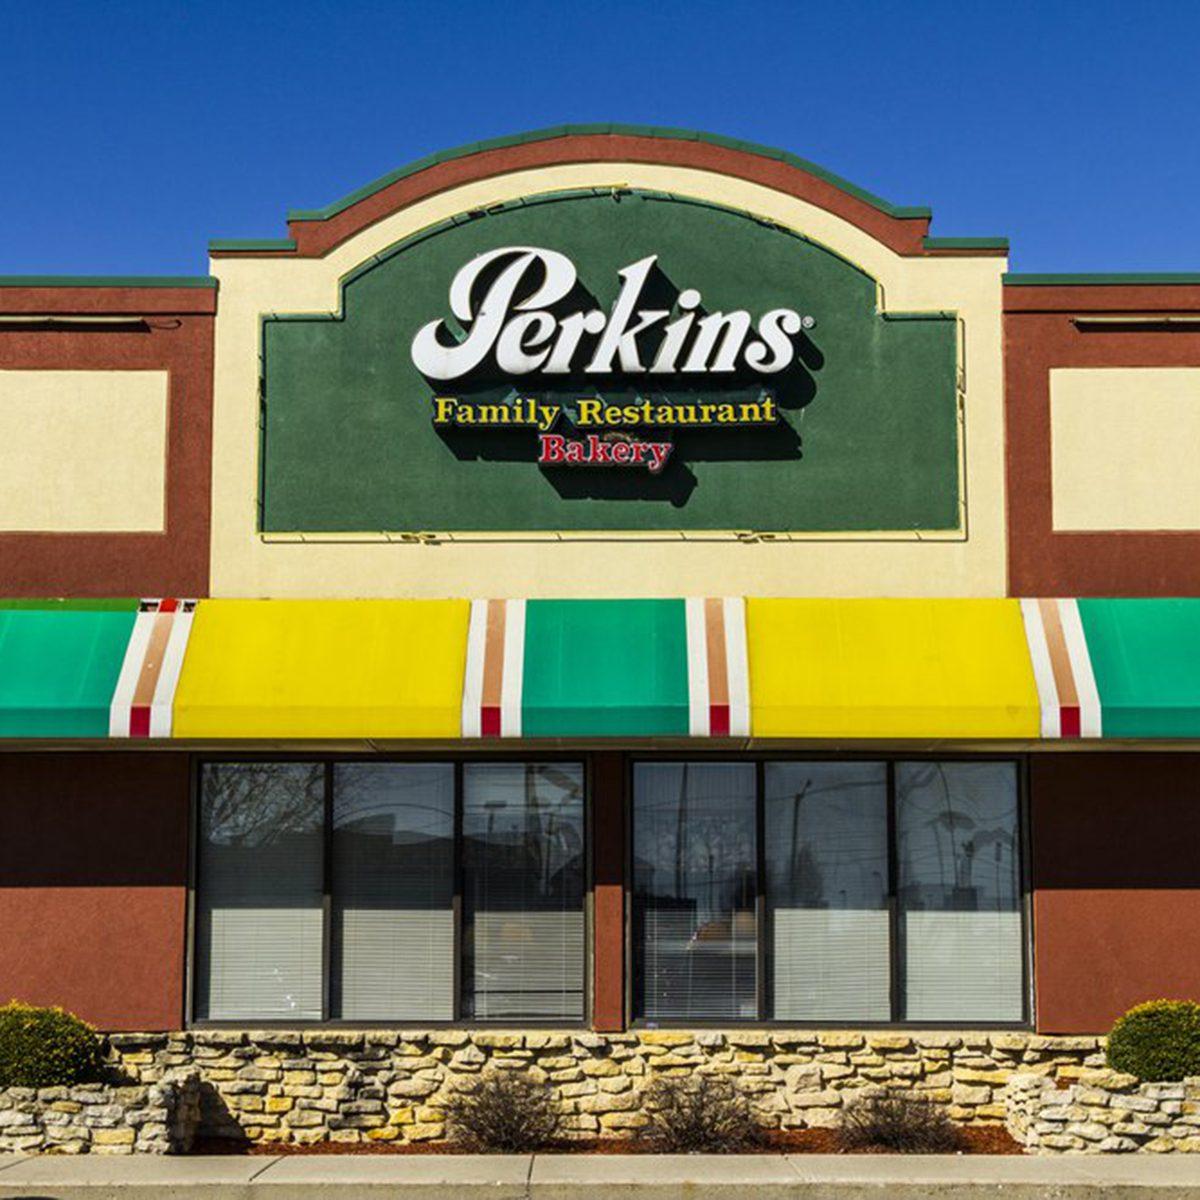 Perkins exterior